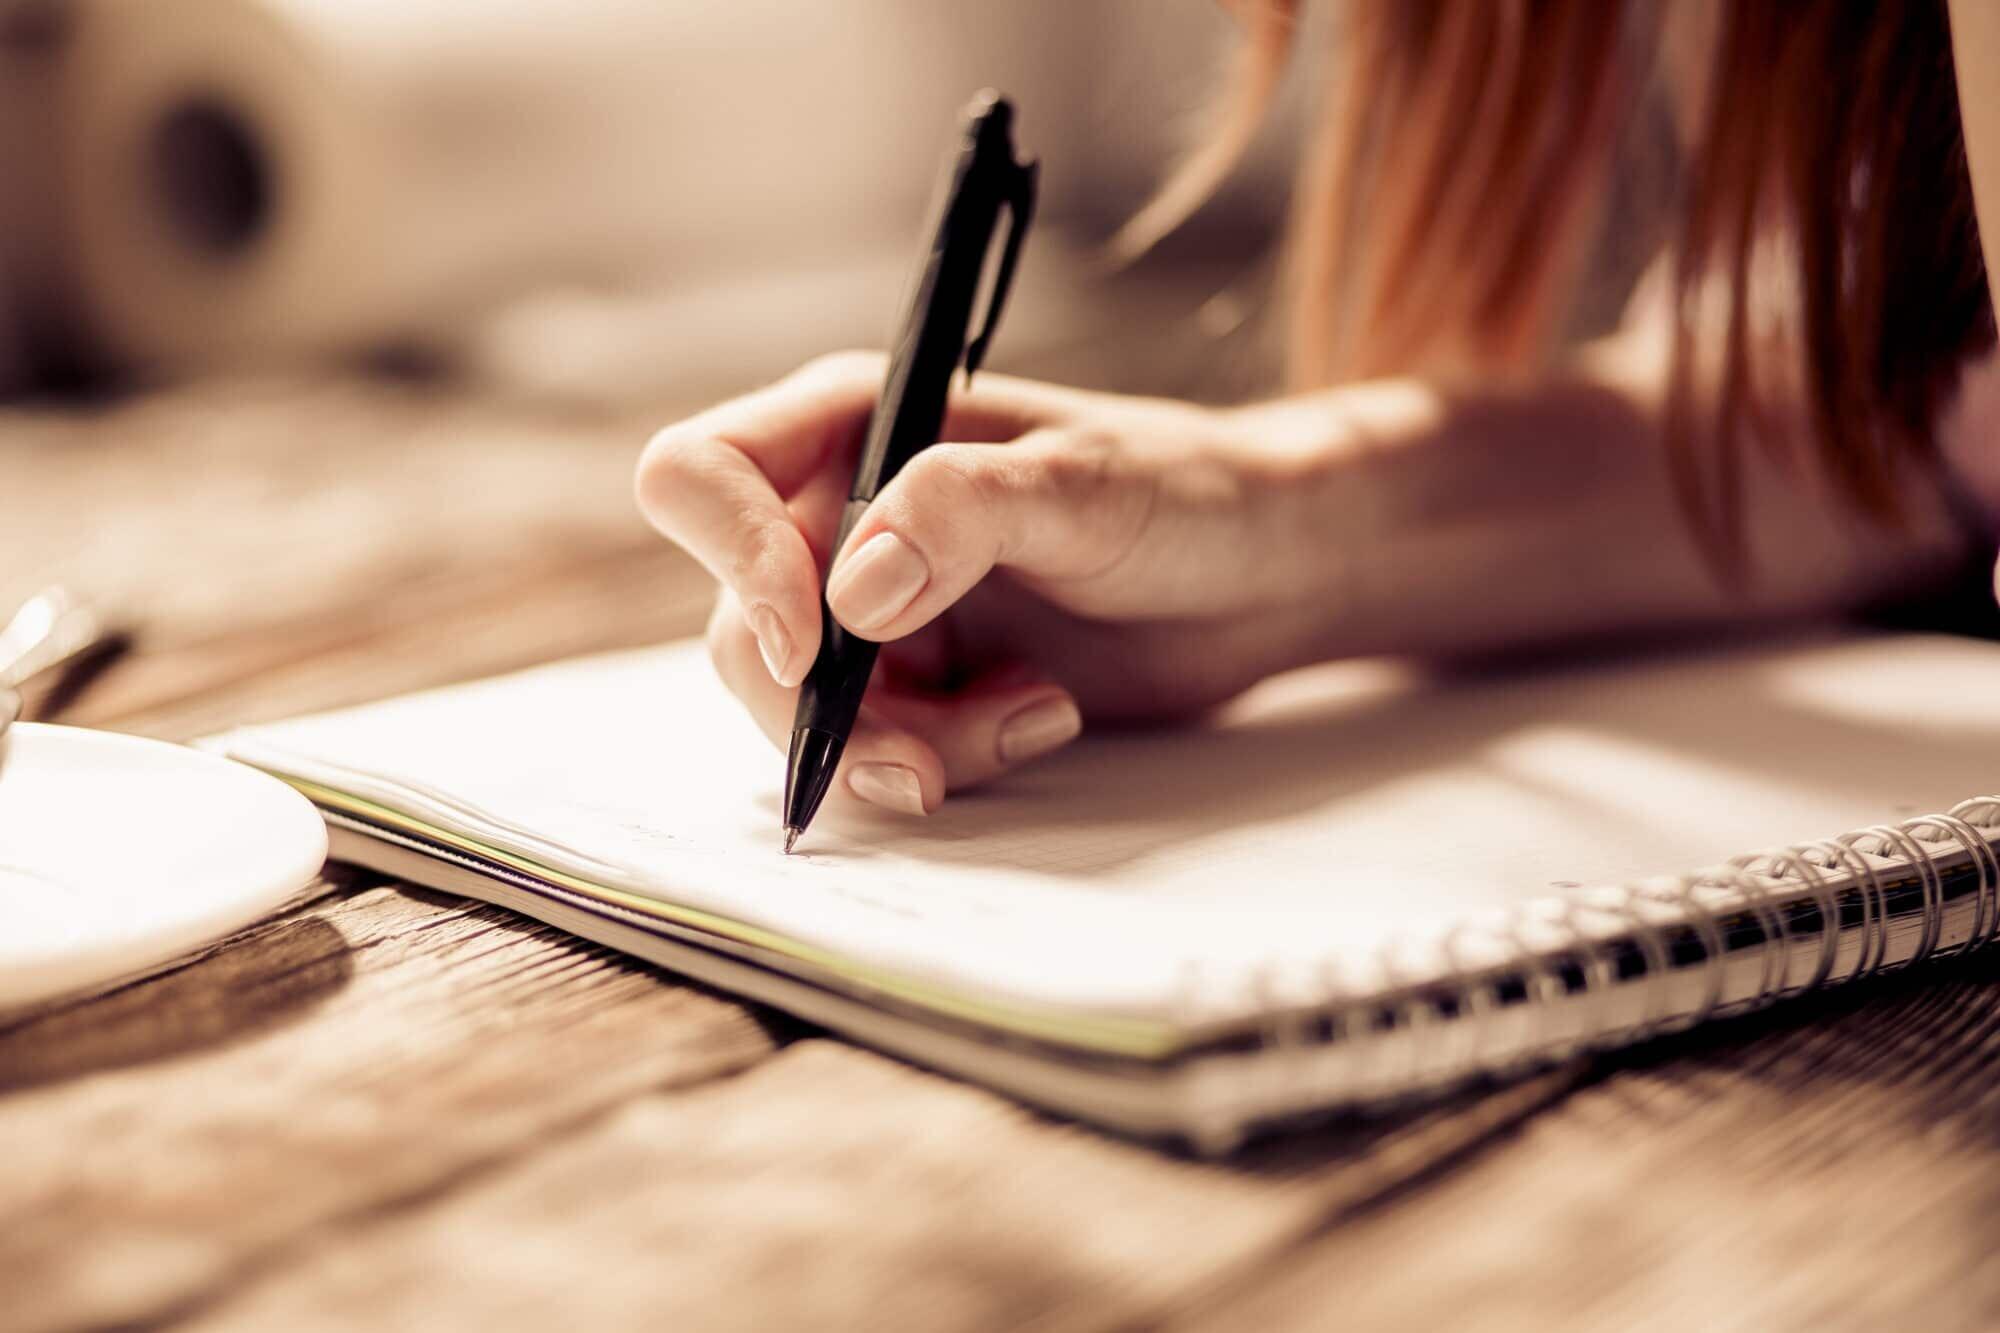 Lettera all'autostima ferita: le relazioni tossiche e come superare le ferite | Dipendiamo.blog